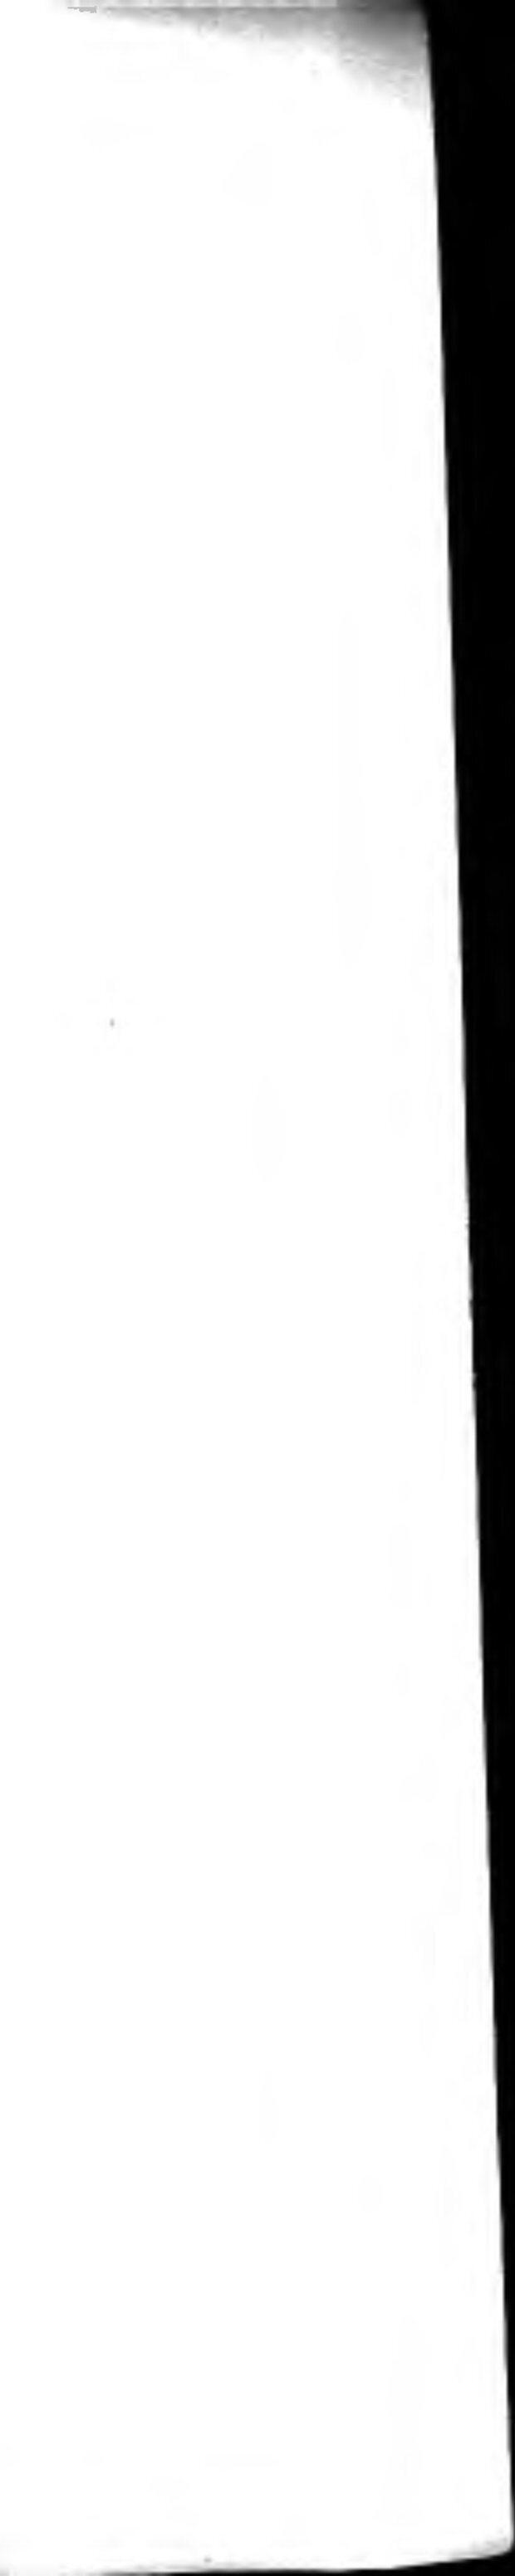 DJVU. Обучение чтению от начального до динамического. Посталовский И. З. Страница 214. Читать онлайн